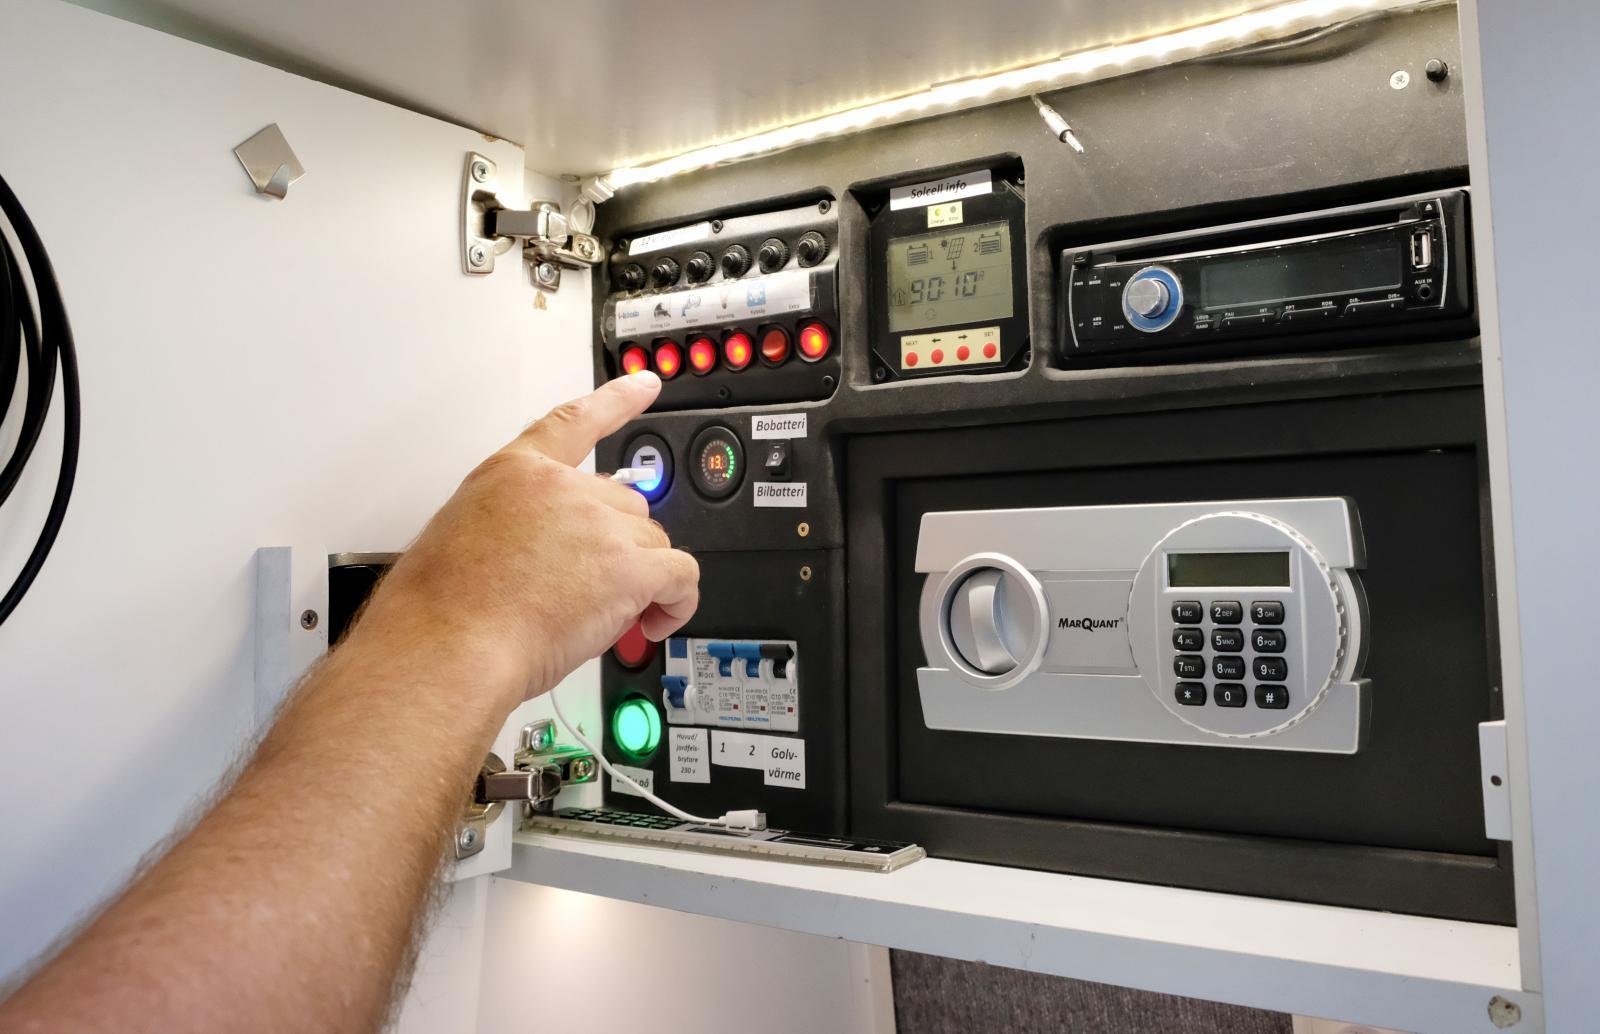 I ett av överskåpen finns en elcentral för 230- och 12V-systemen. Även en 4G-router för internet och infopanel för solcellen.